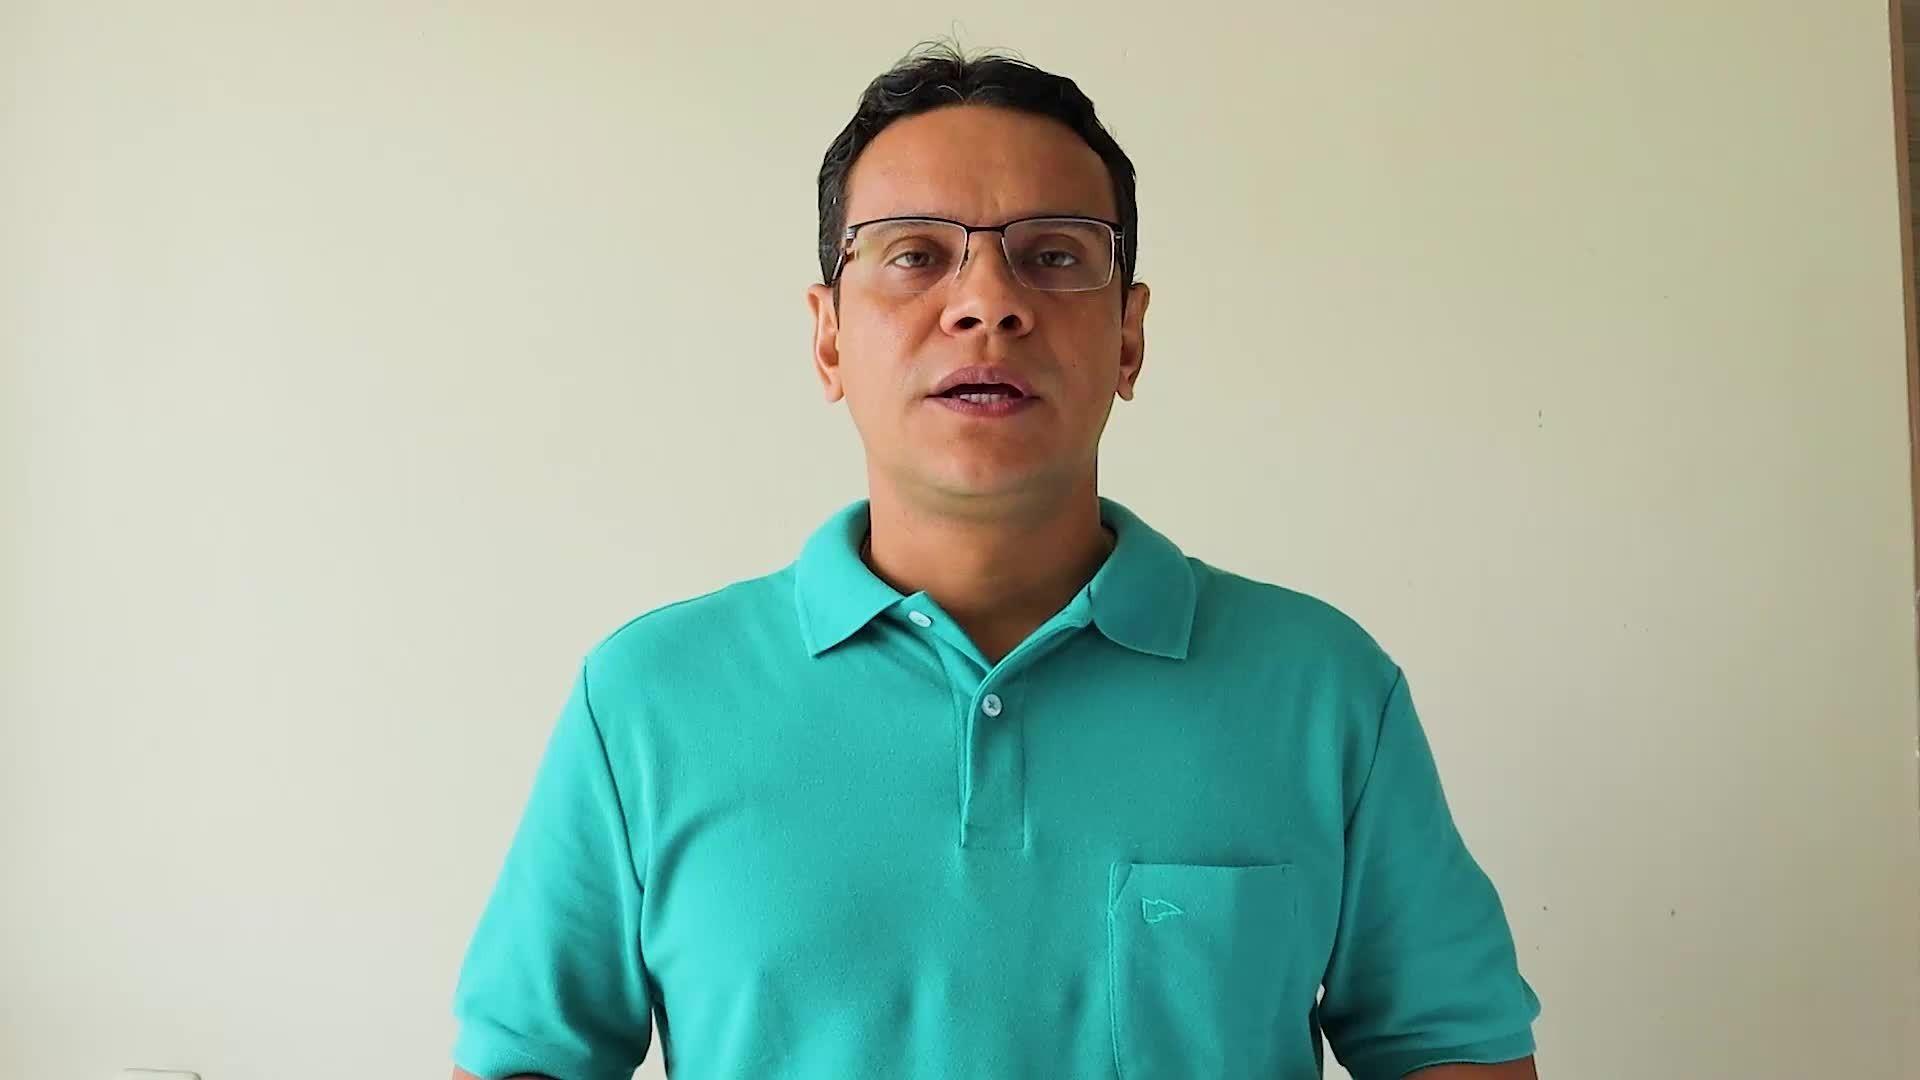 VÍDEOS: Veja as respostas dos candidatos à Prefeitura de Santarém sobre temas relevantes para a cidade